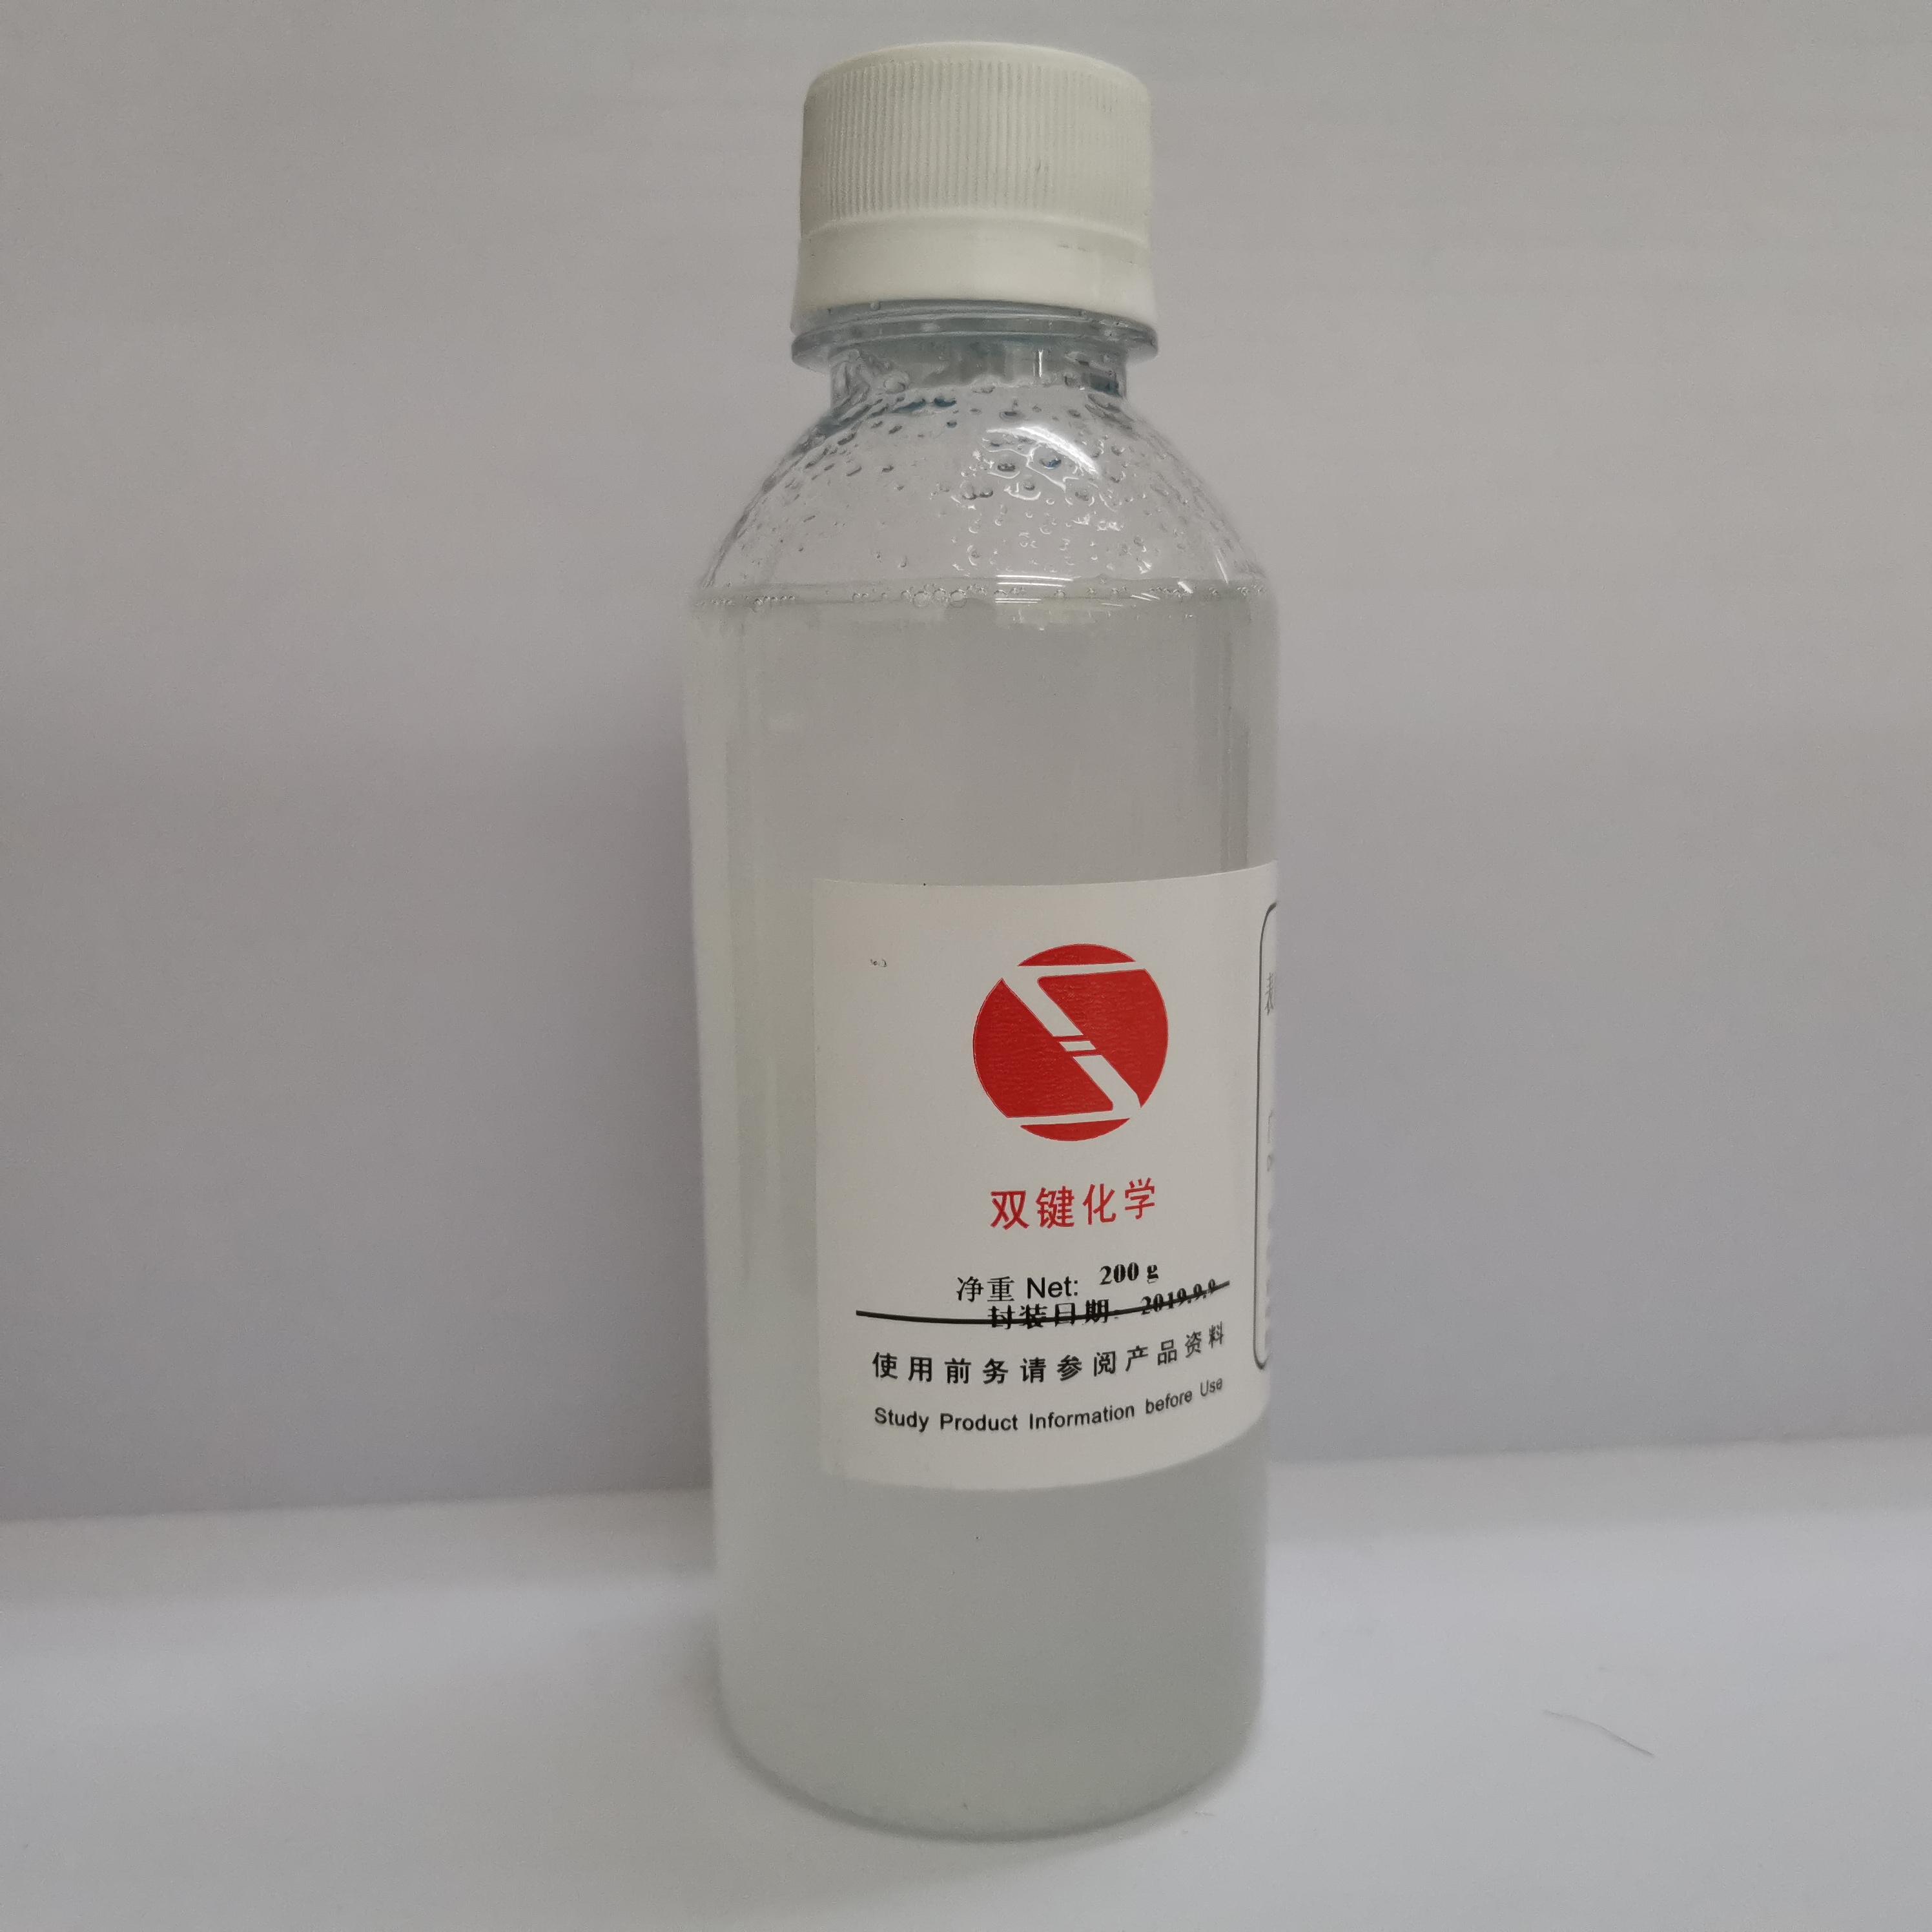 异构十三醇聚氧乙烯 (5) 醚